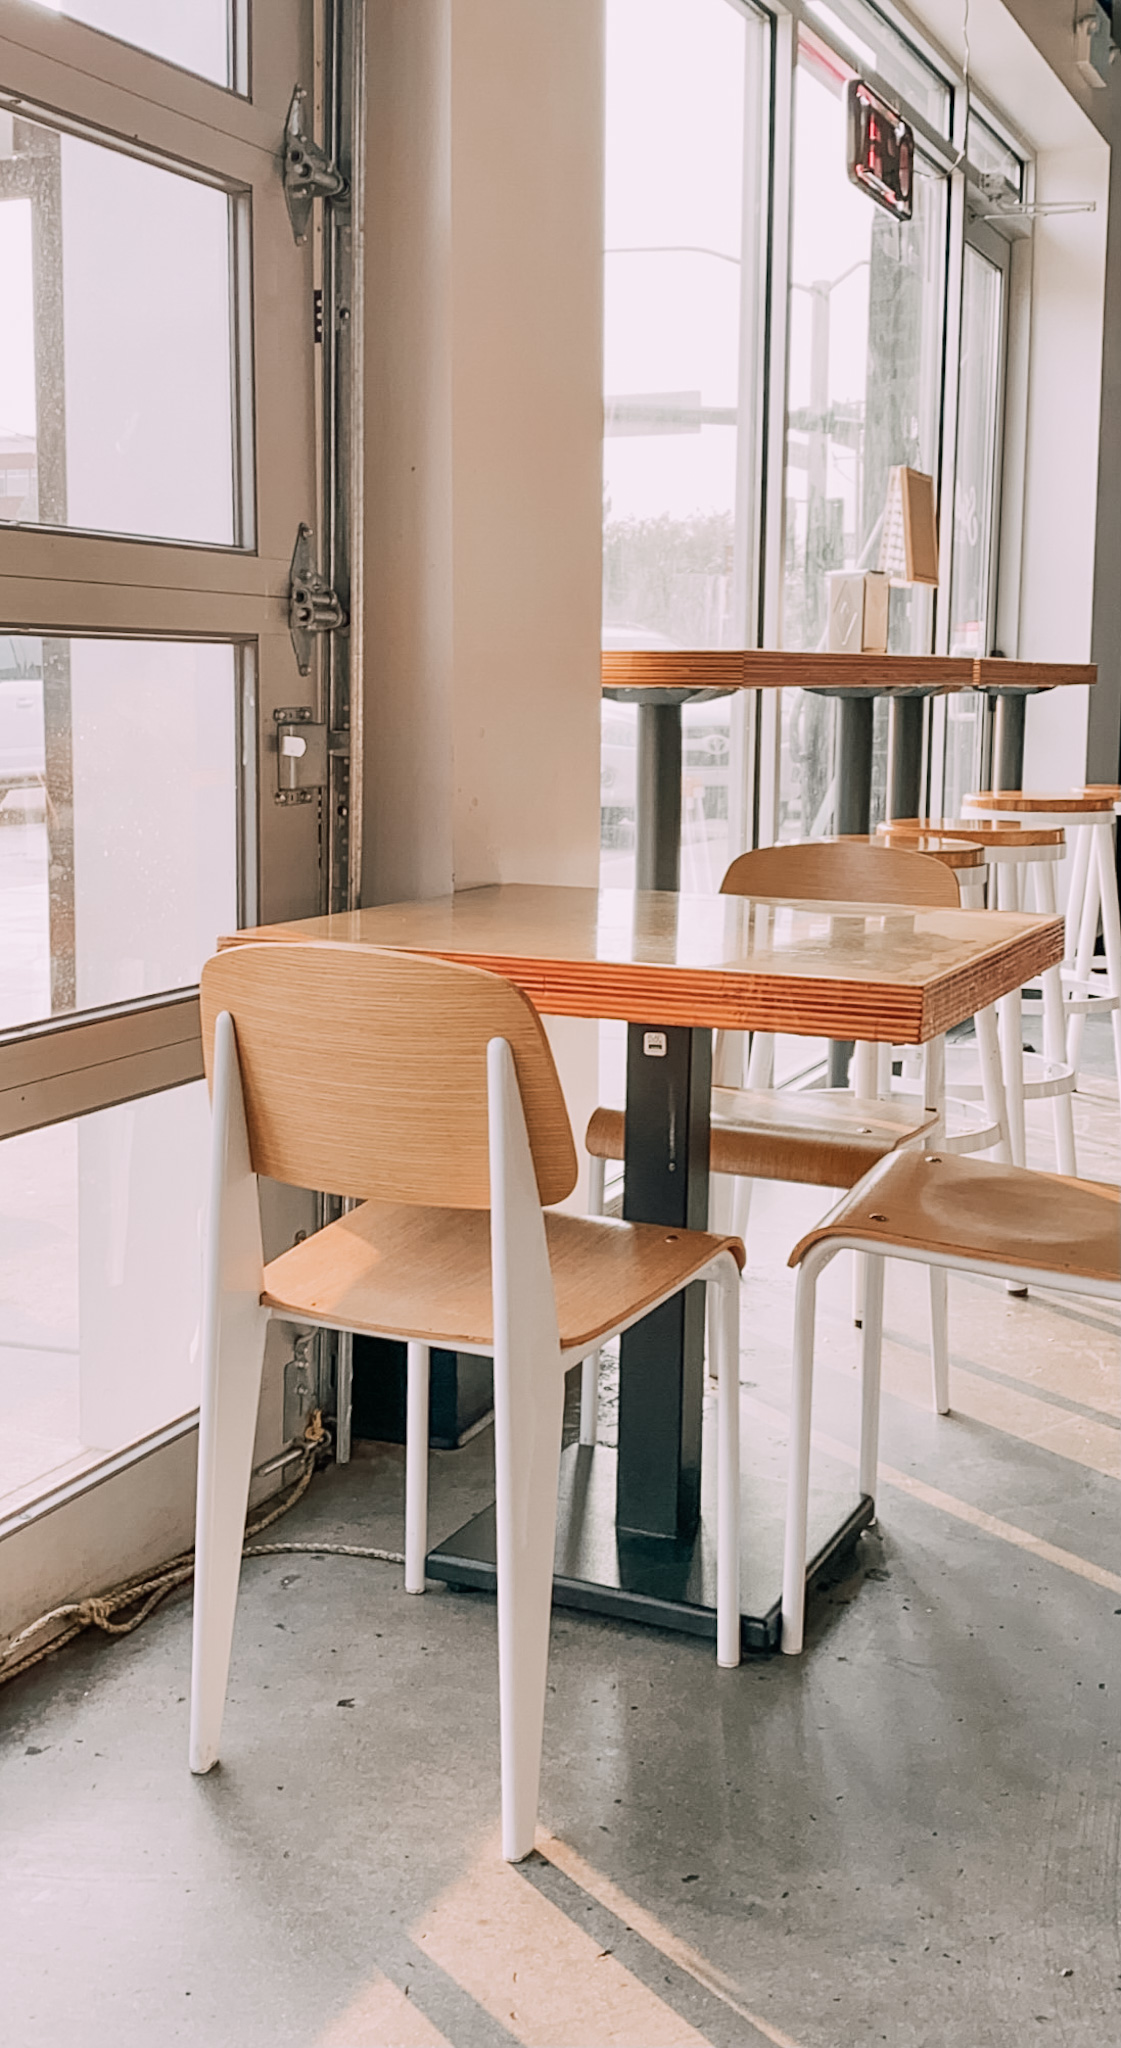 Nampa Chairs